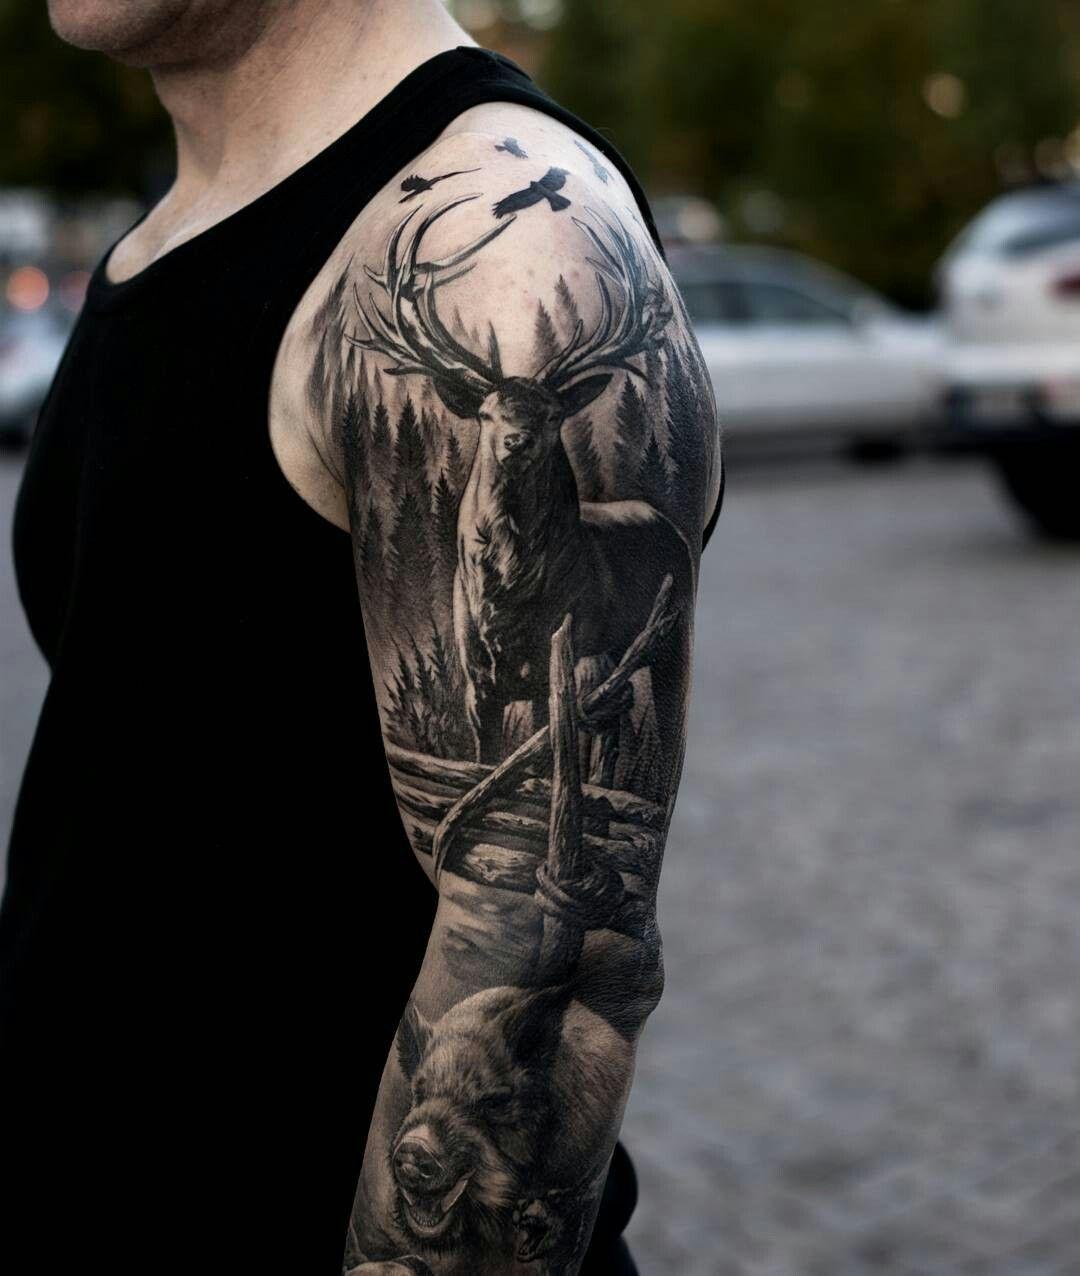 Beeindruckend Schöne Tattoos Für Männer Ideen Von Unterarm Tattoo Mann, Oberarm Tattoo, Tattoo Vorlagen